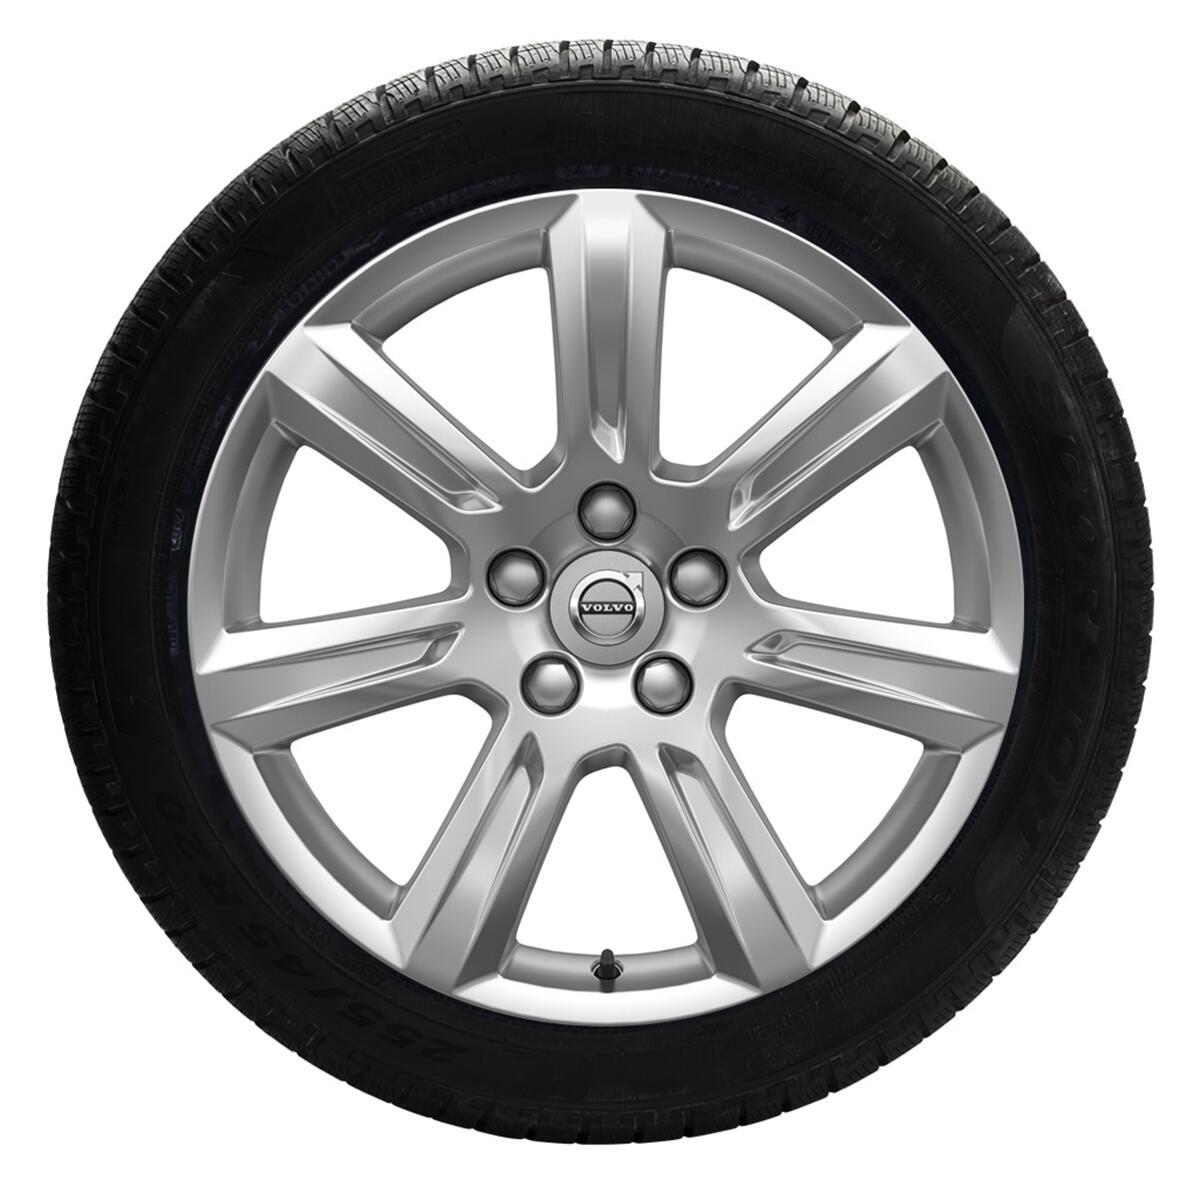 """Komplet zimskih kotača: 225/55 R17; 17"""", naplatci sa 7 krakova, srebrni; gume Pirelli"""